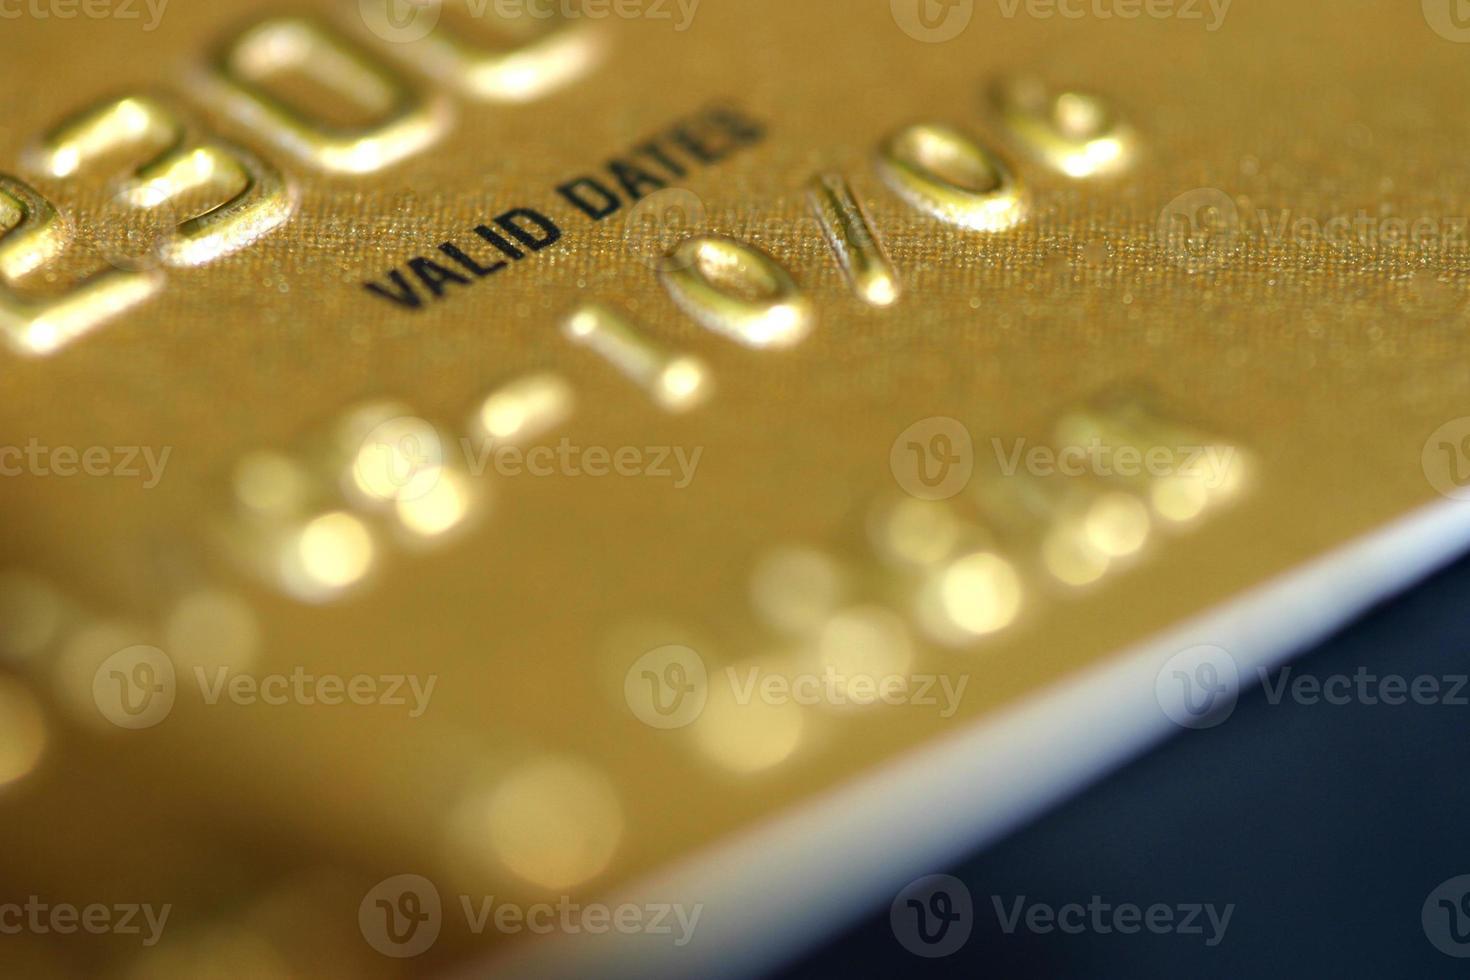 gyllene kreditkort foto